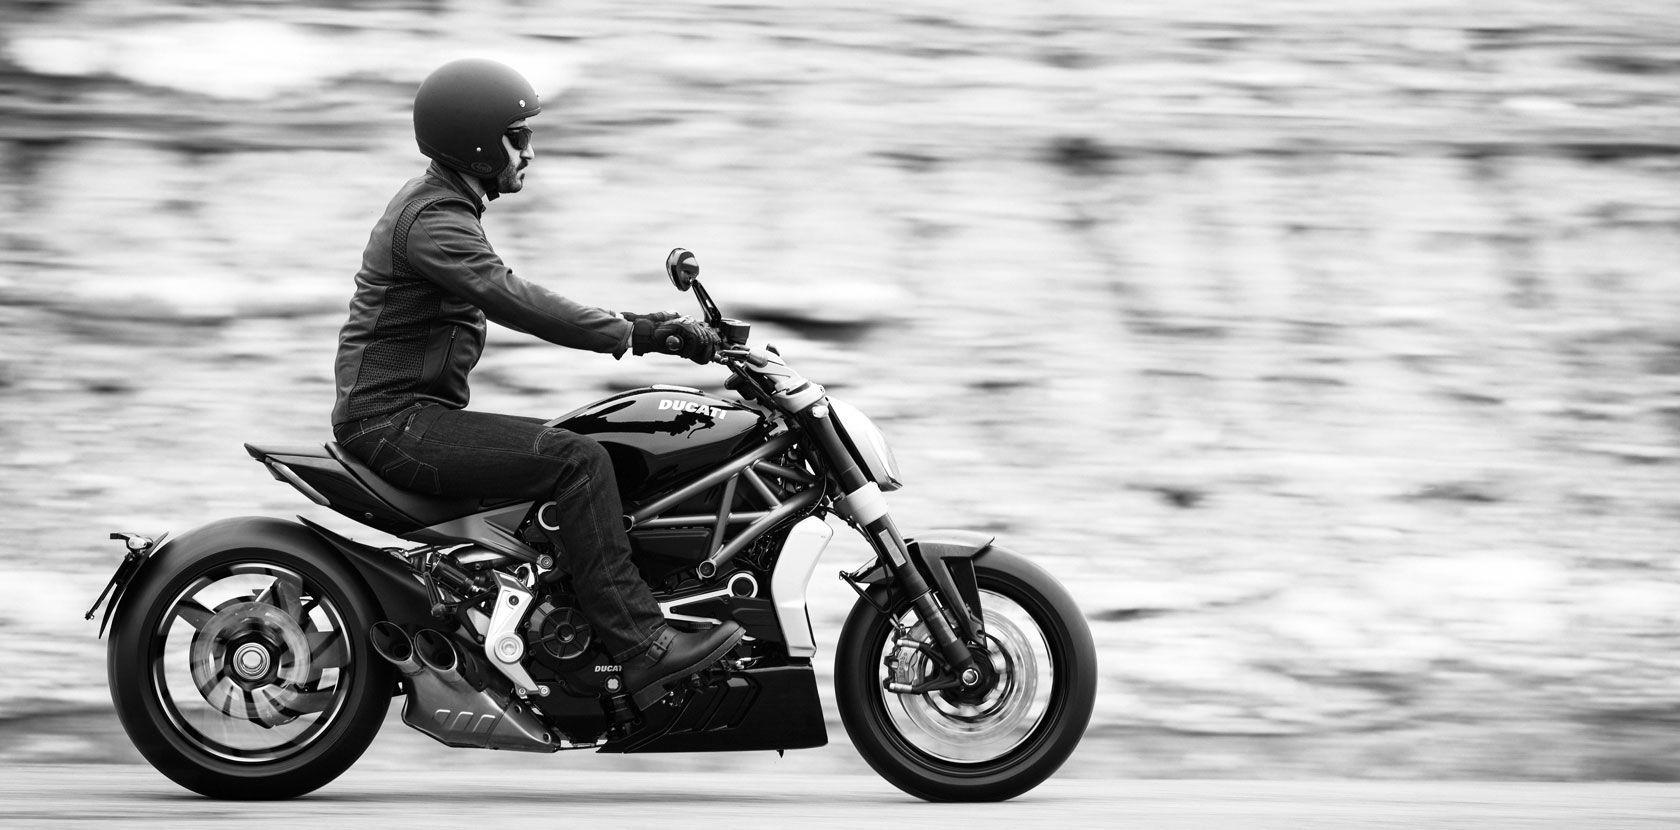 2016 Ducati XDiavel S   XDiavel - Ducati Riding